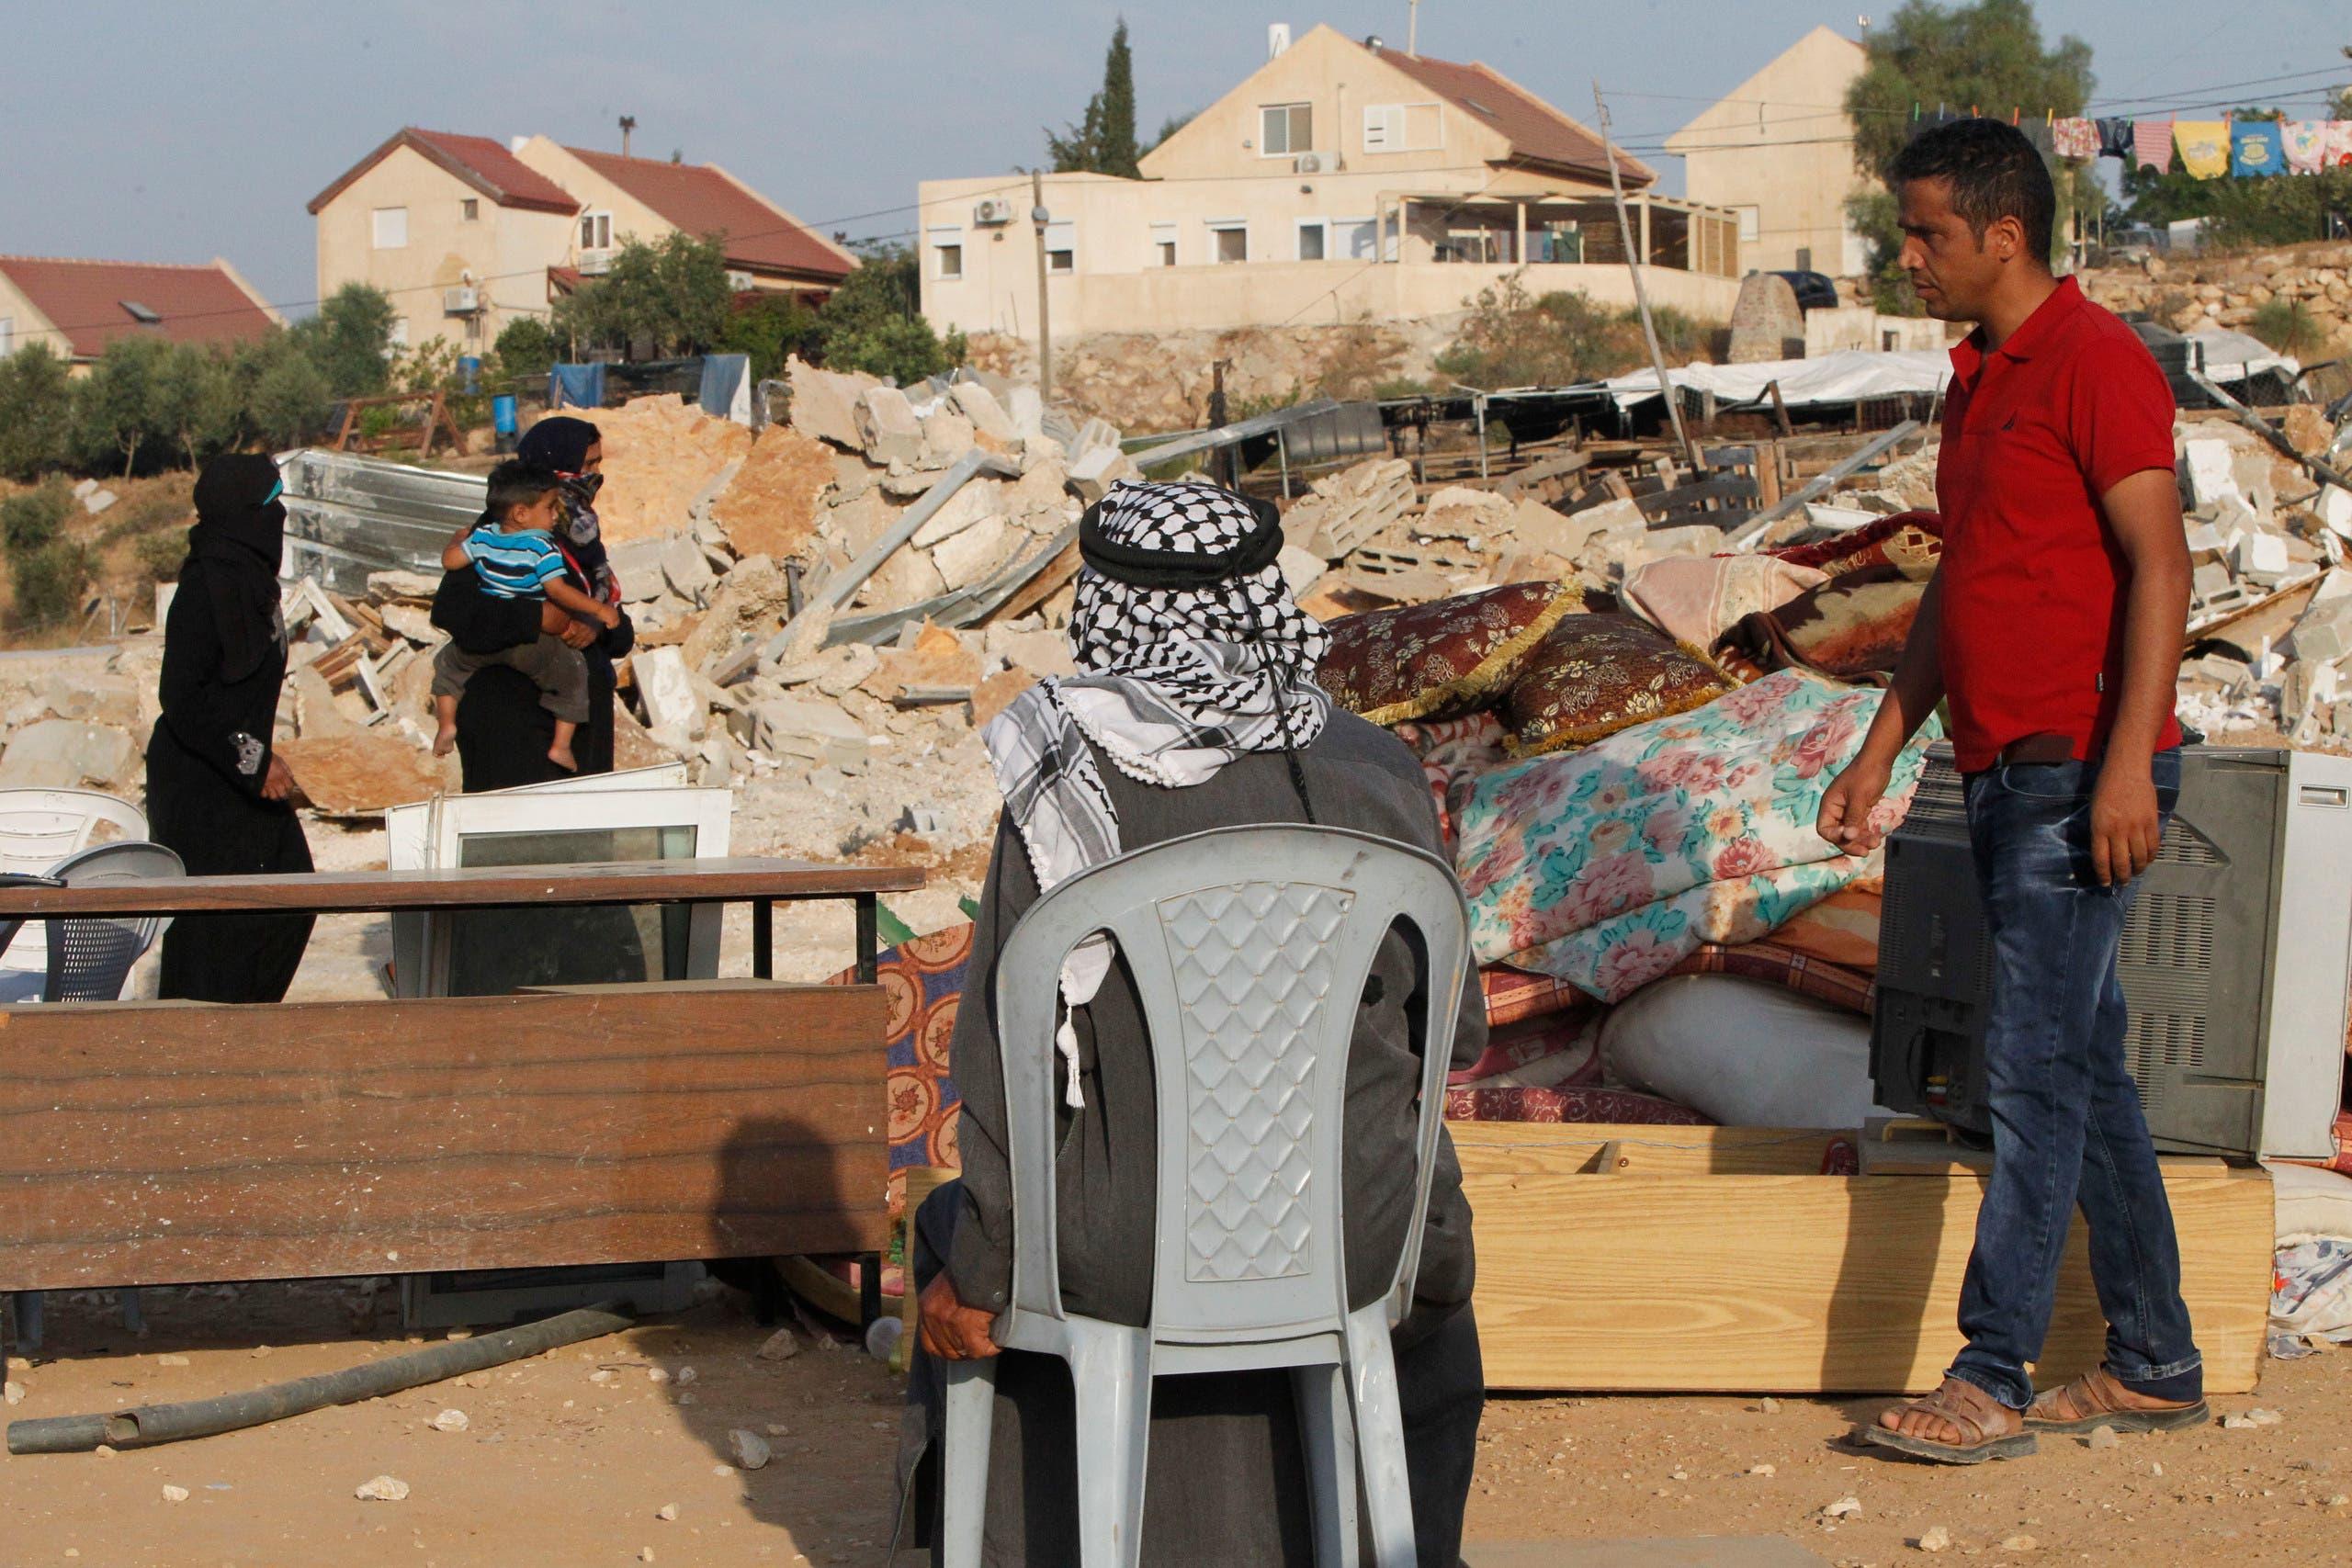 فلسطيني ينظر إلى أنقاض منزله الذي هدمته قوات الاحتلال